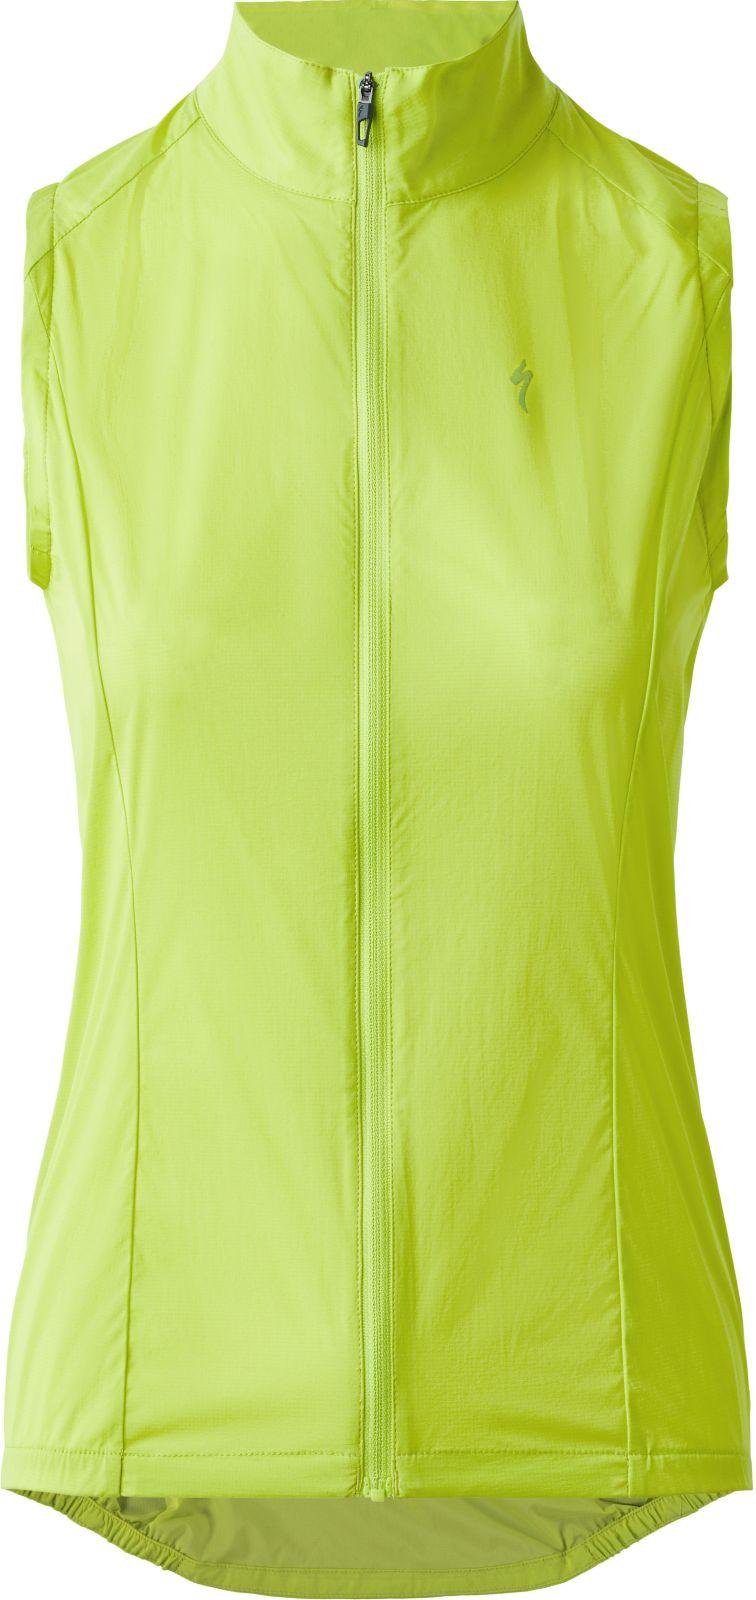 E-shop Specialized Women's HyprViz Deflect Wind Vest - hyperviz L